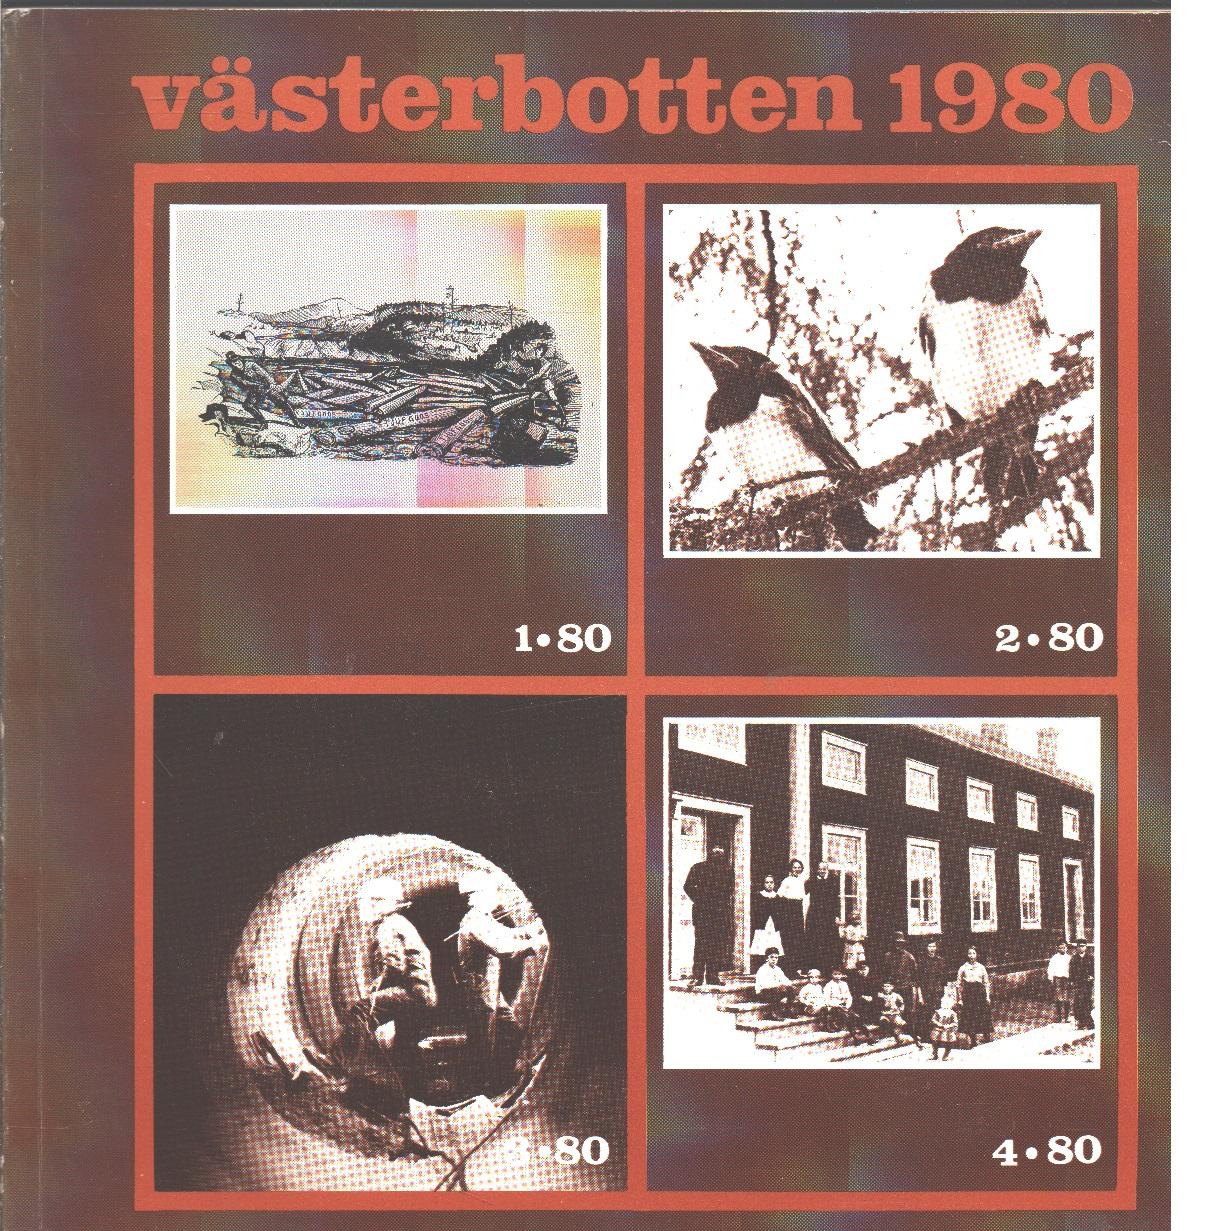 Västerbotten : Västerbottens läns hembygdsförenings årsbok 1980 - Red.